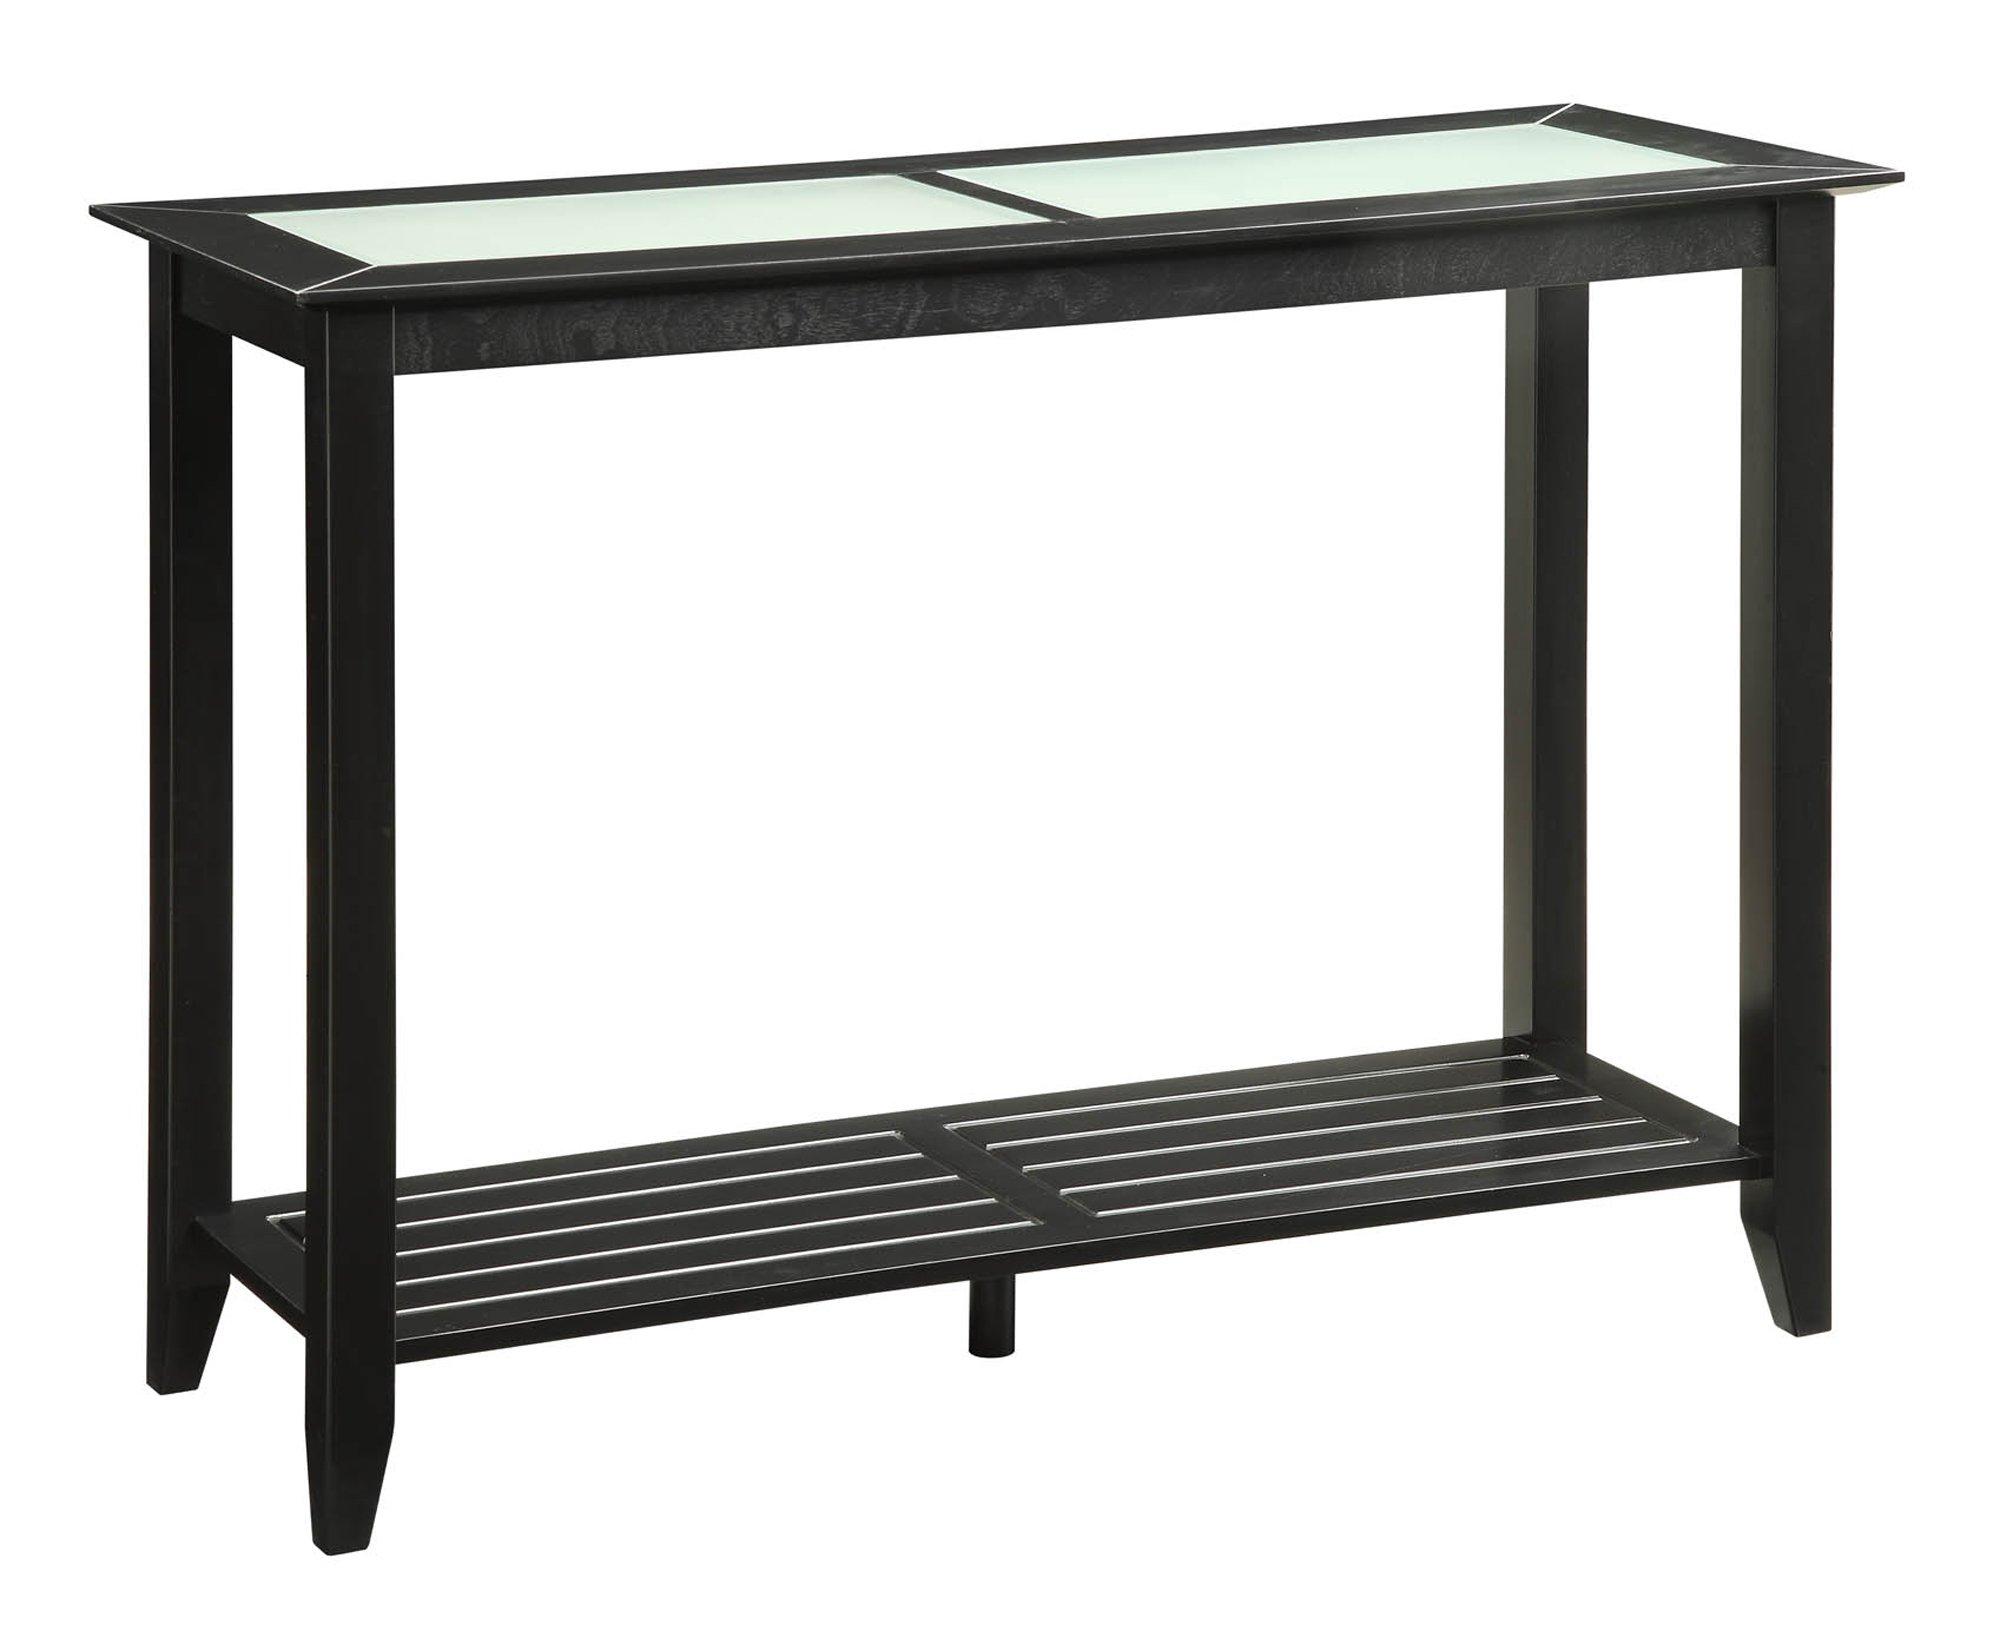 Convenience Concepts Carmel Console Table, Black by Convenience Concepts